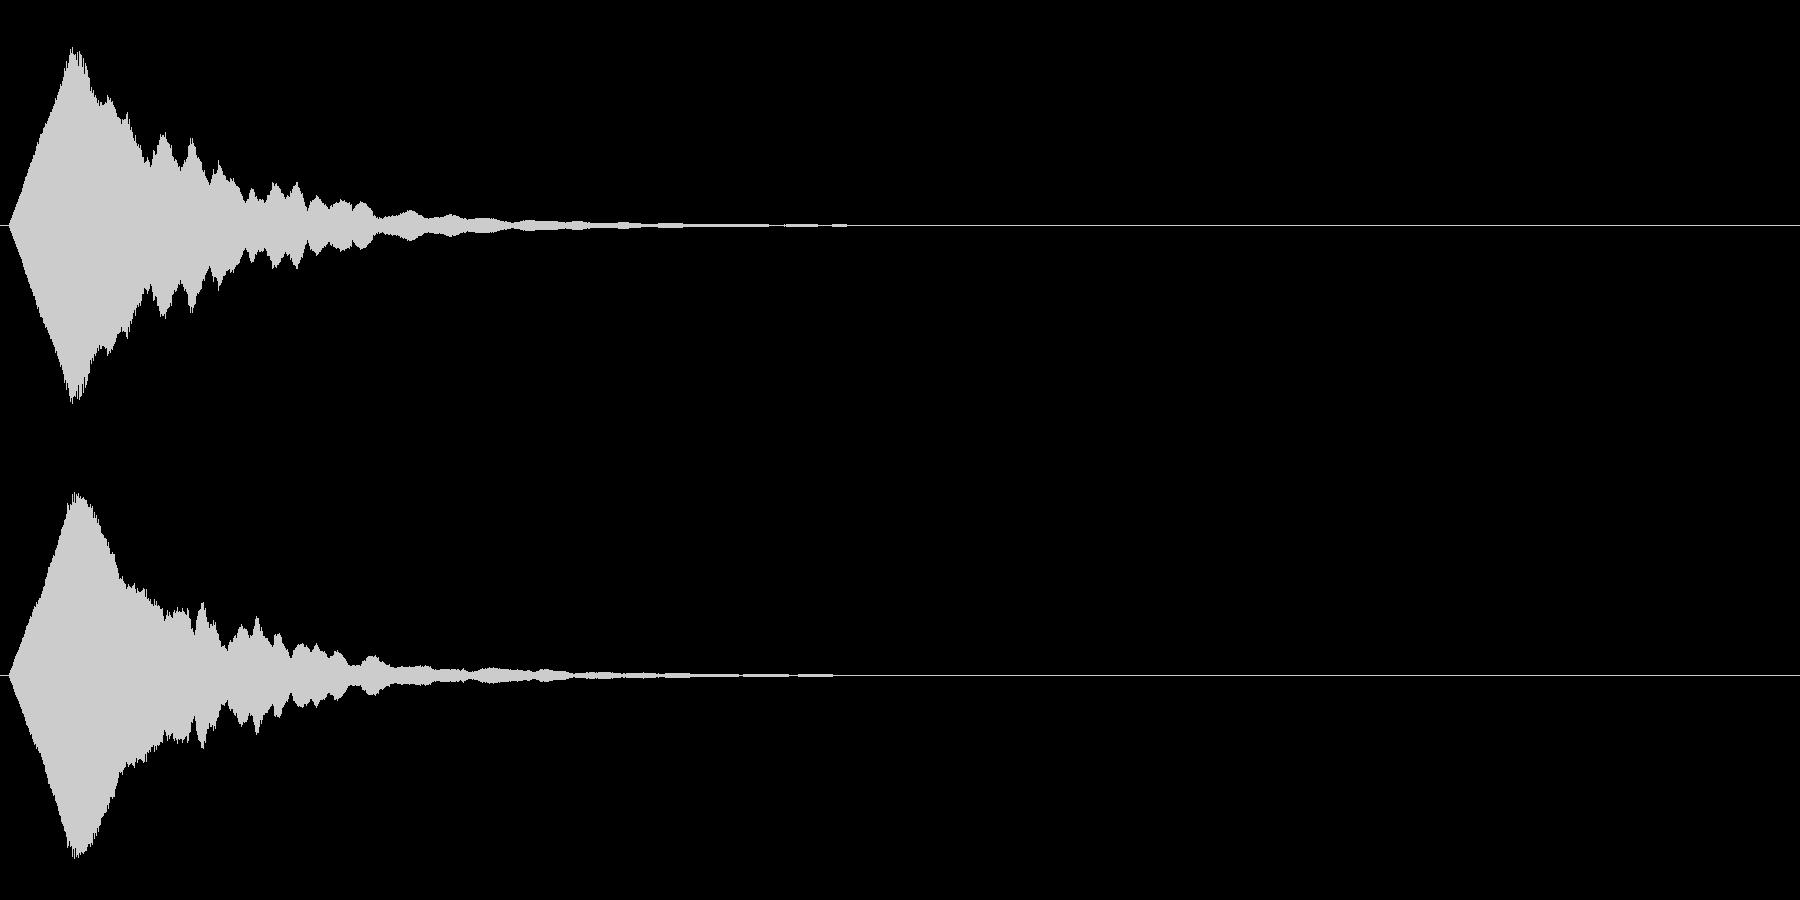 キーン・ピーン 光が射すような効果音の未再生の波形